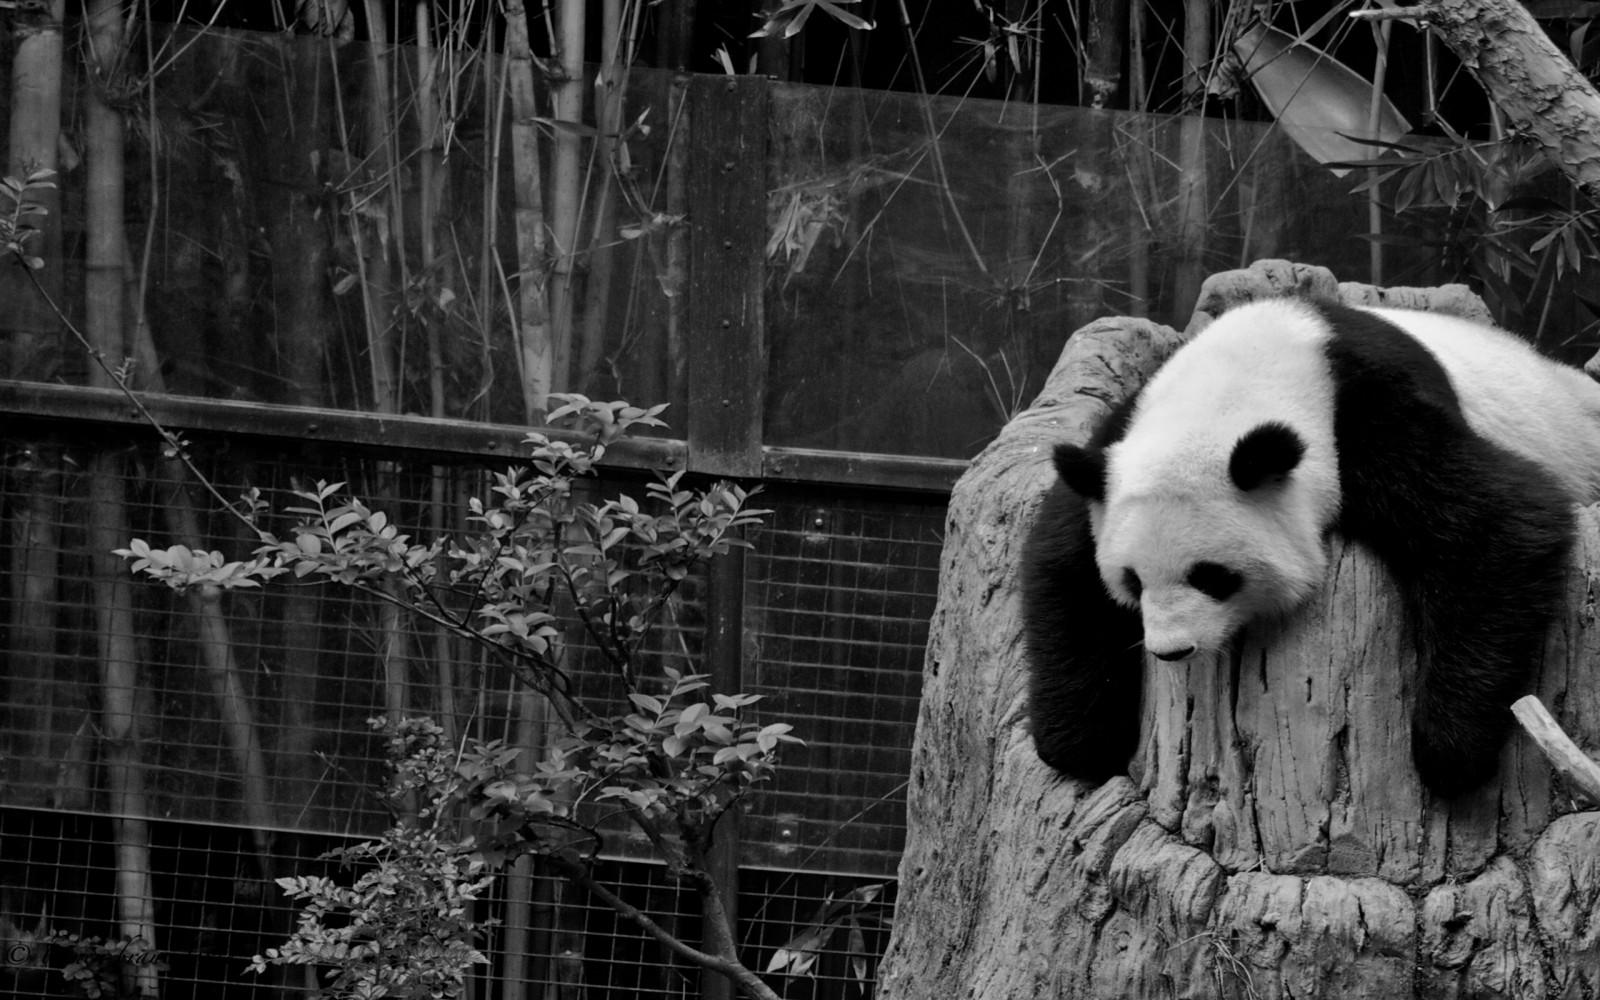 Baggrunde : Panda, Zoo, Hollow, Søvn, Naturreservat, Bjørn, Pattedyr, Sort Og Hvid, Monokrom